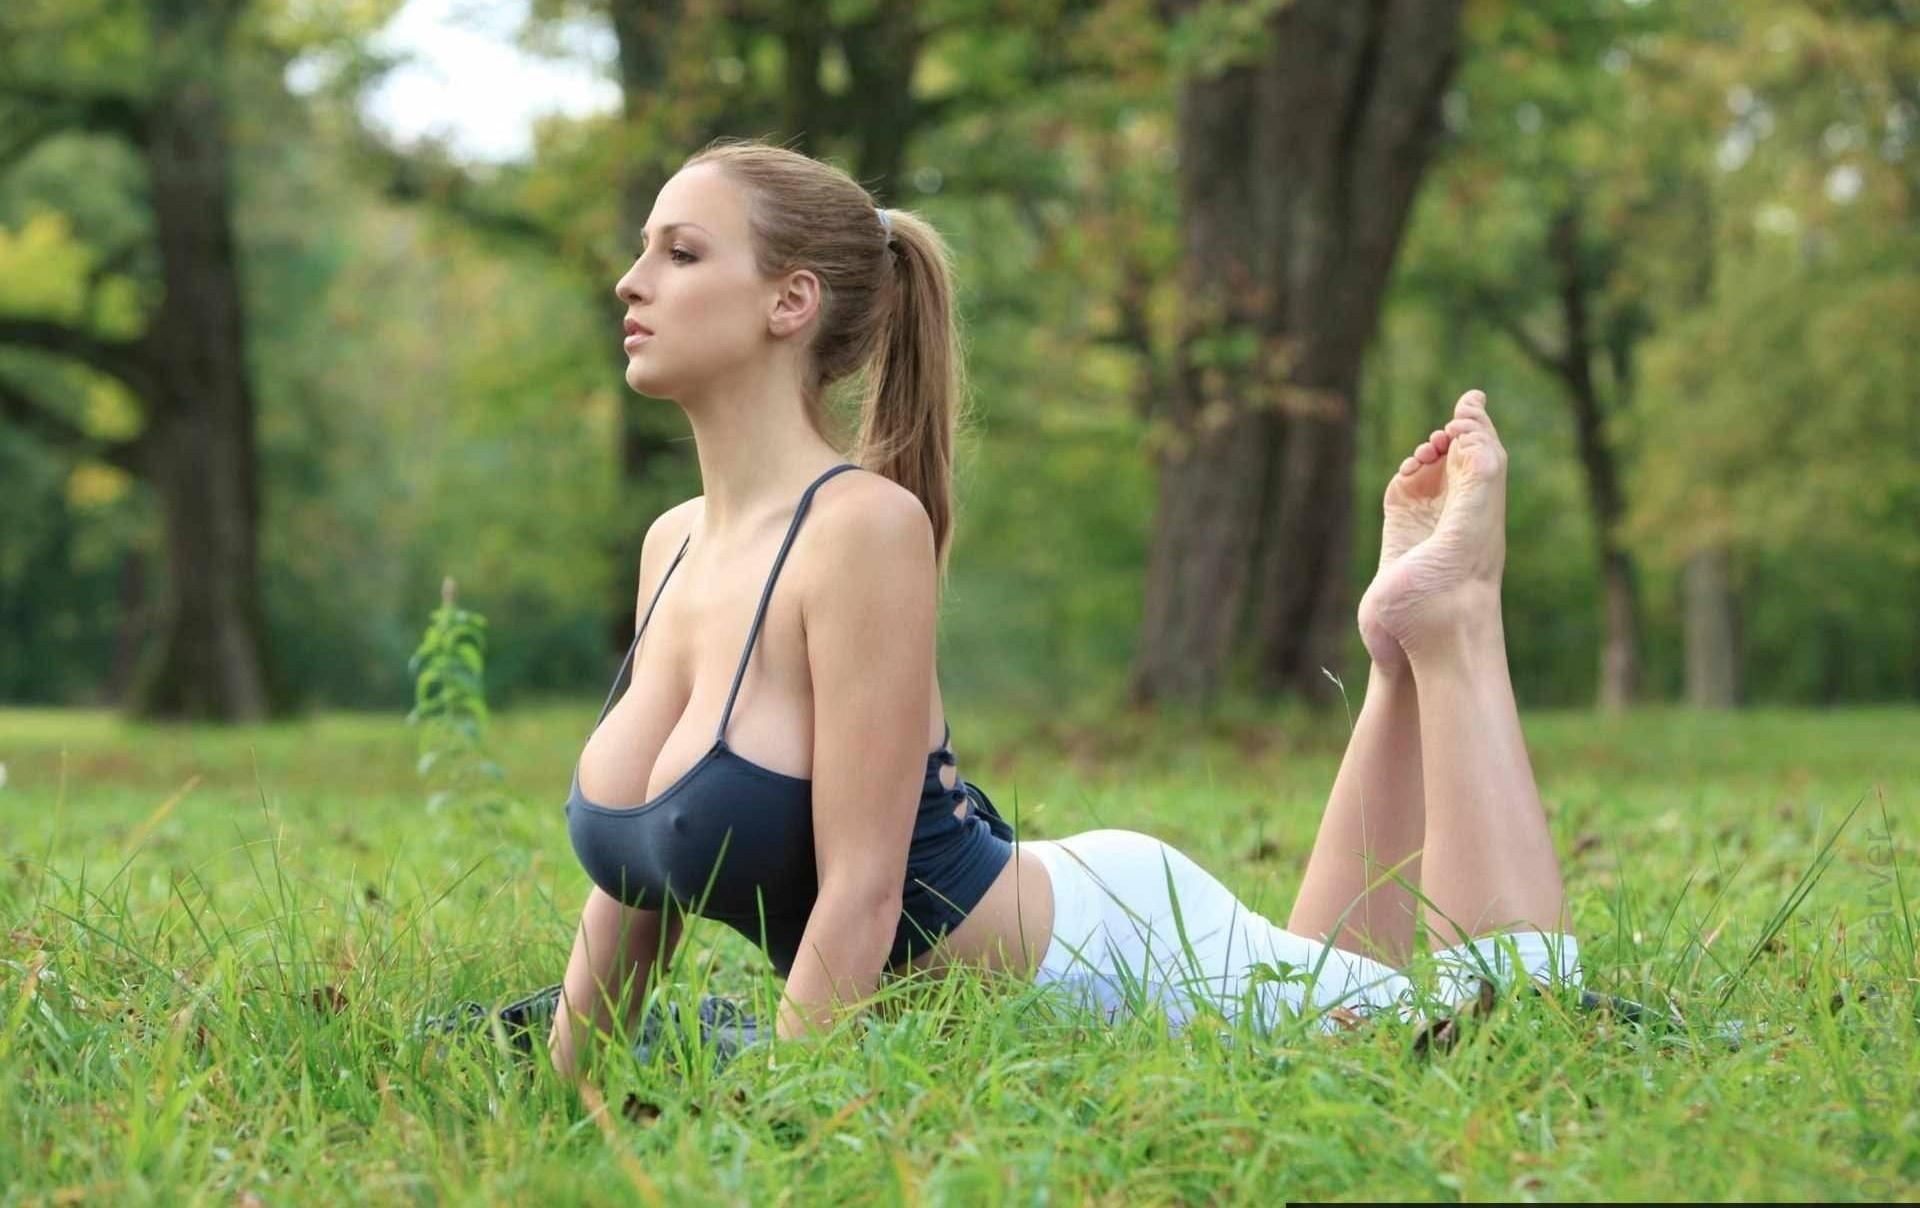 Русский парень с большим членом трахает русскую девочку с большими сиськами 4 фотография